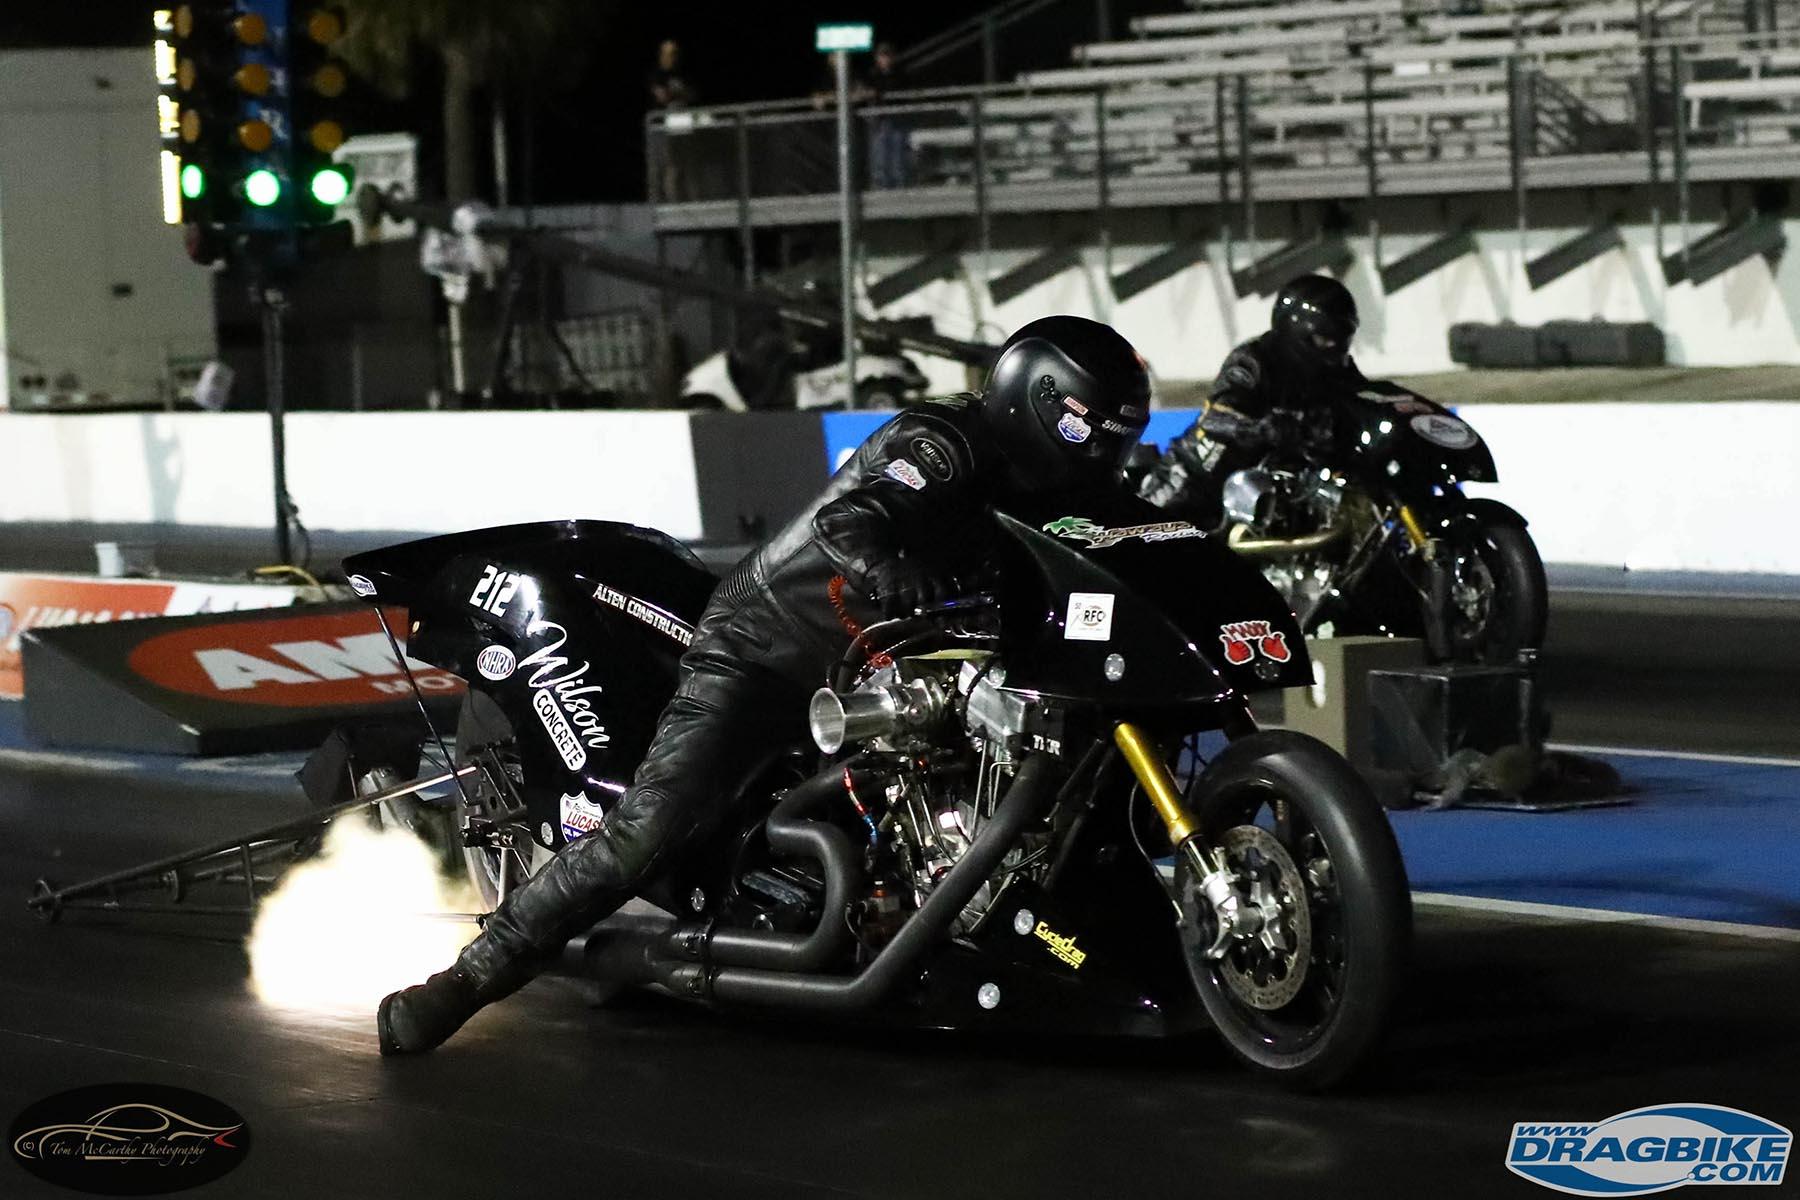 2021 AHDRA Motorcycle Drag Racing